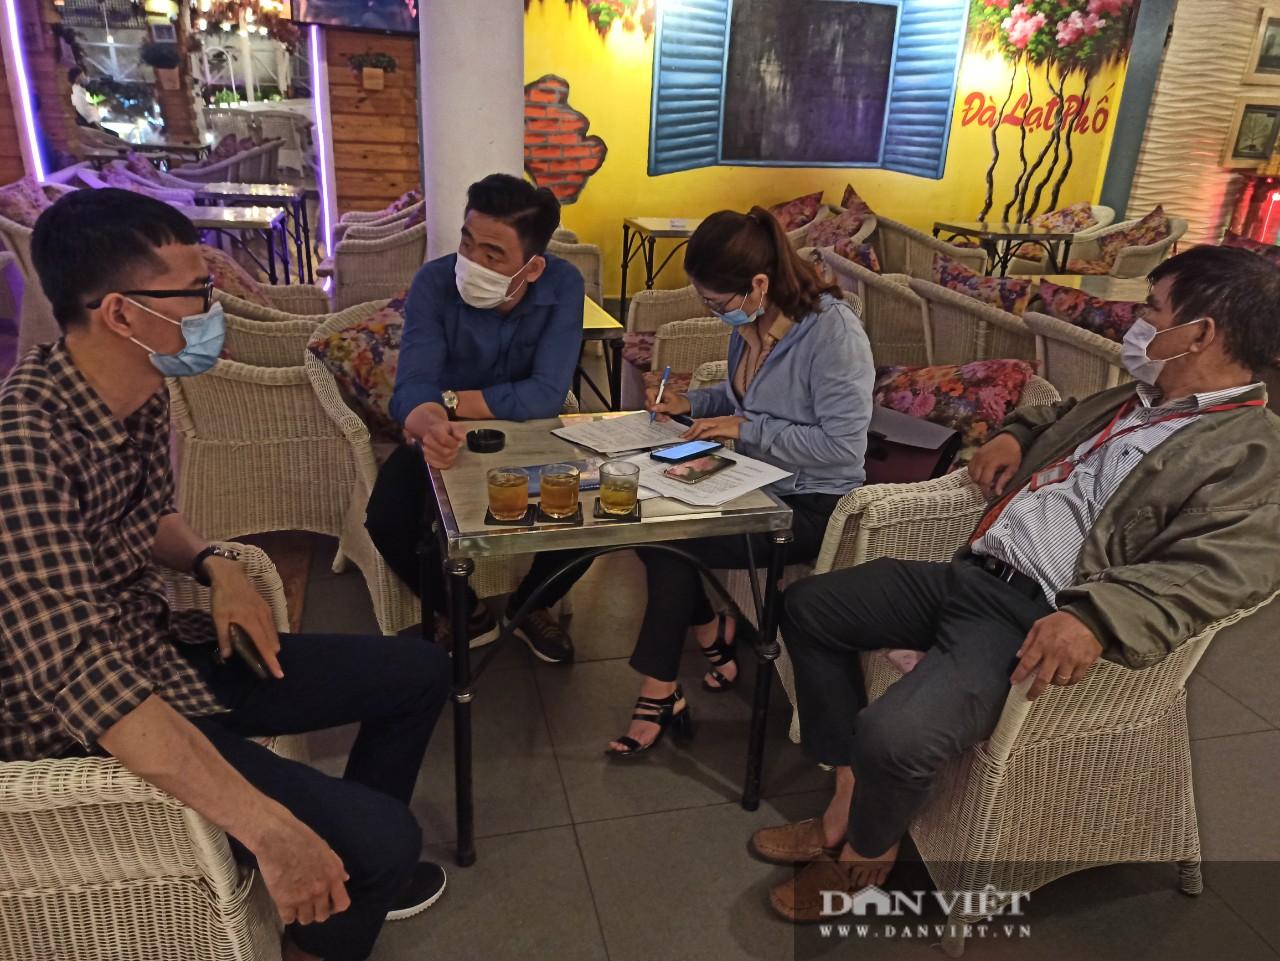 TP Hồ Chí Minh: Xử phạt hàng chục triệu đồng đối với nhiều quán cà phê vi phạm phòng dịch - Ảnh 6.